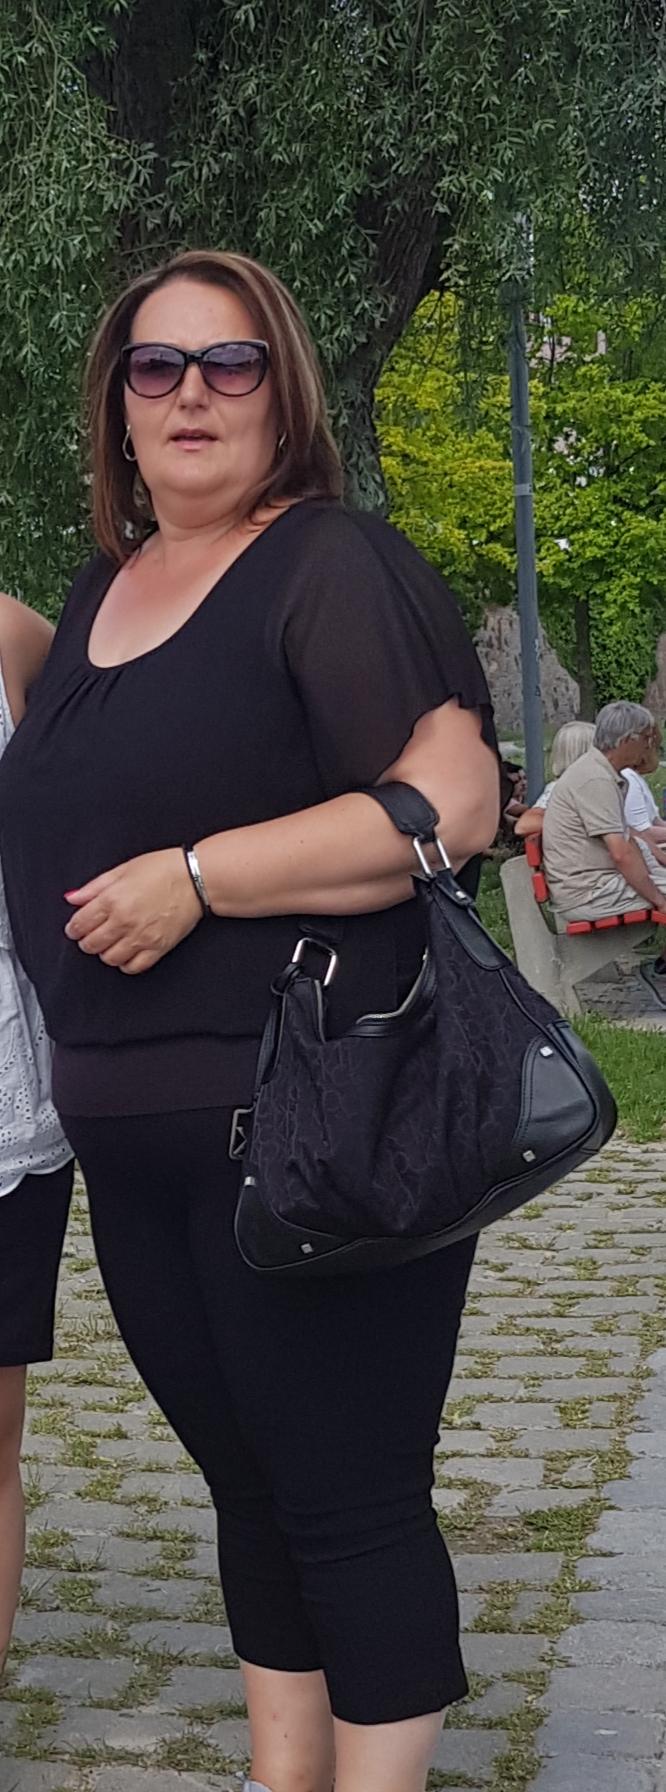 Nije teško pobediti višak kilograma, kaže Željka